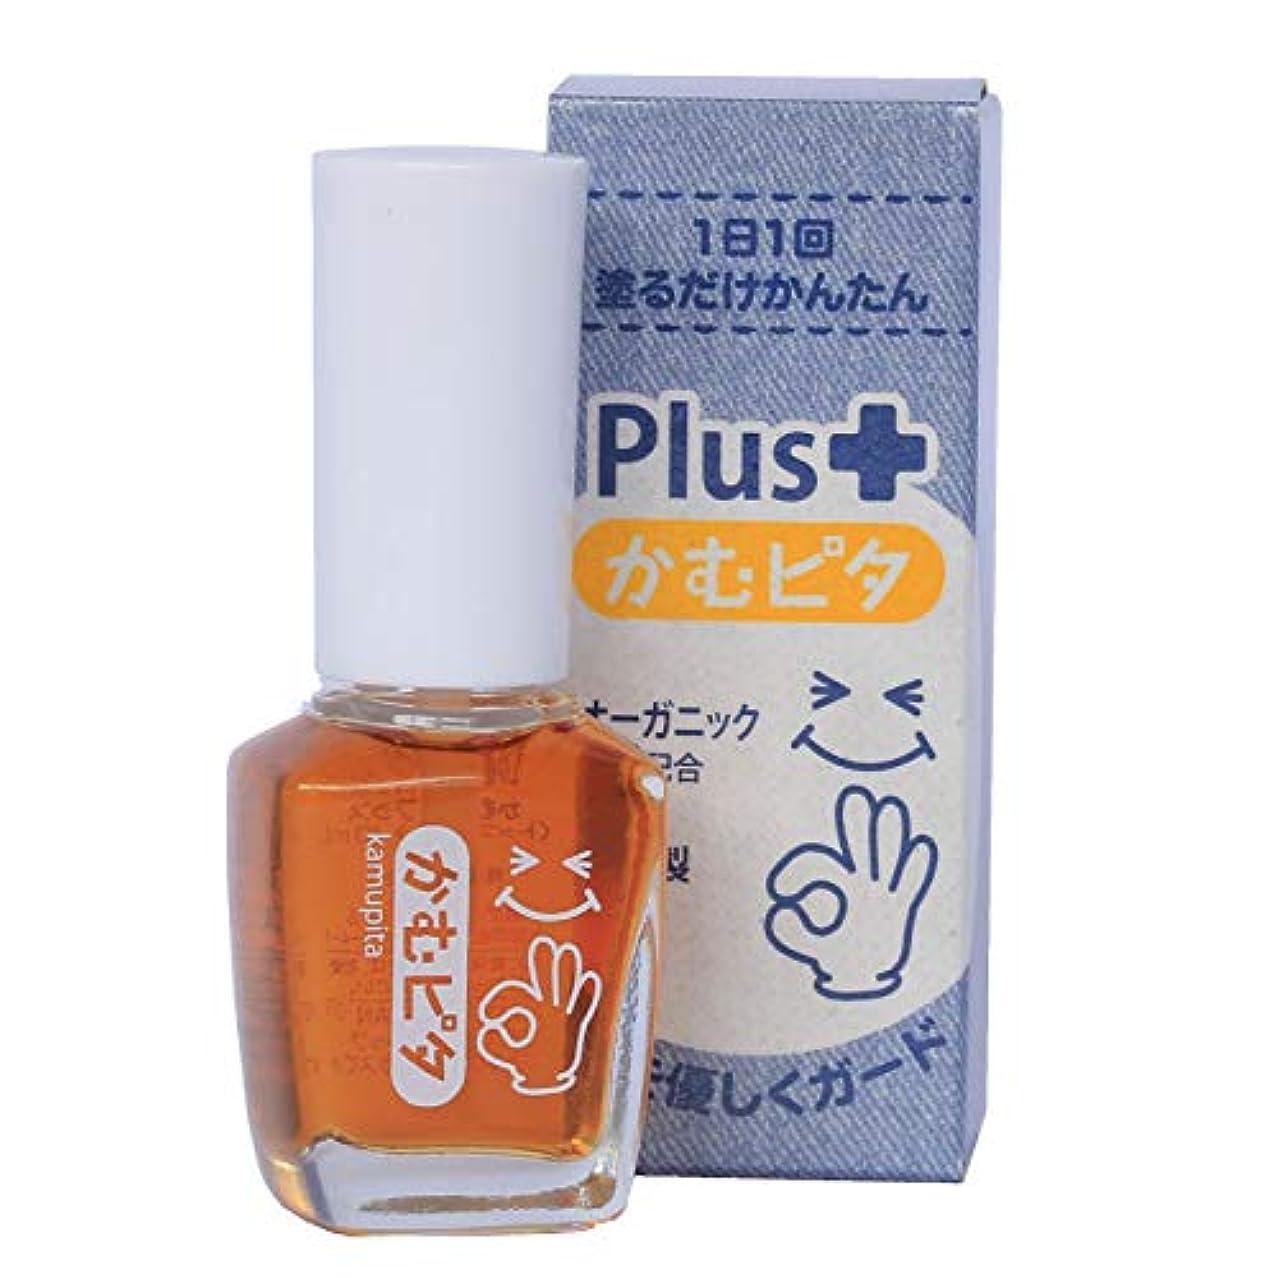 アスペクト快いアレルギー子供の爪噛み?指しゃぶり防止に苦い日本製マニキュア かむピタ プラス  オーガニック成分配合?10ml